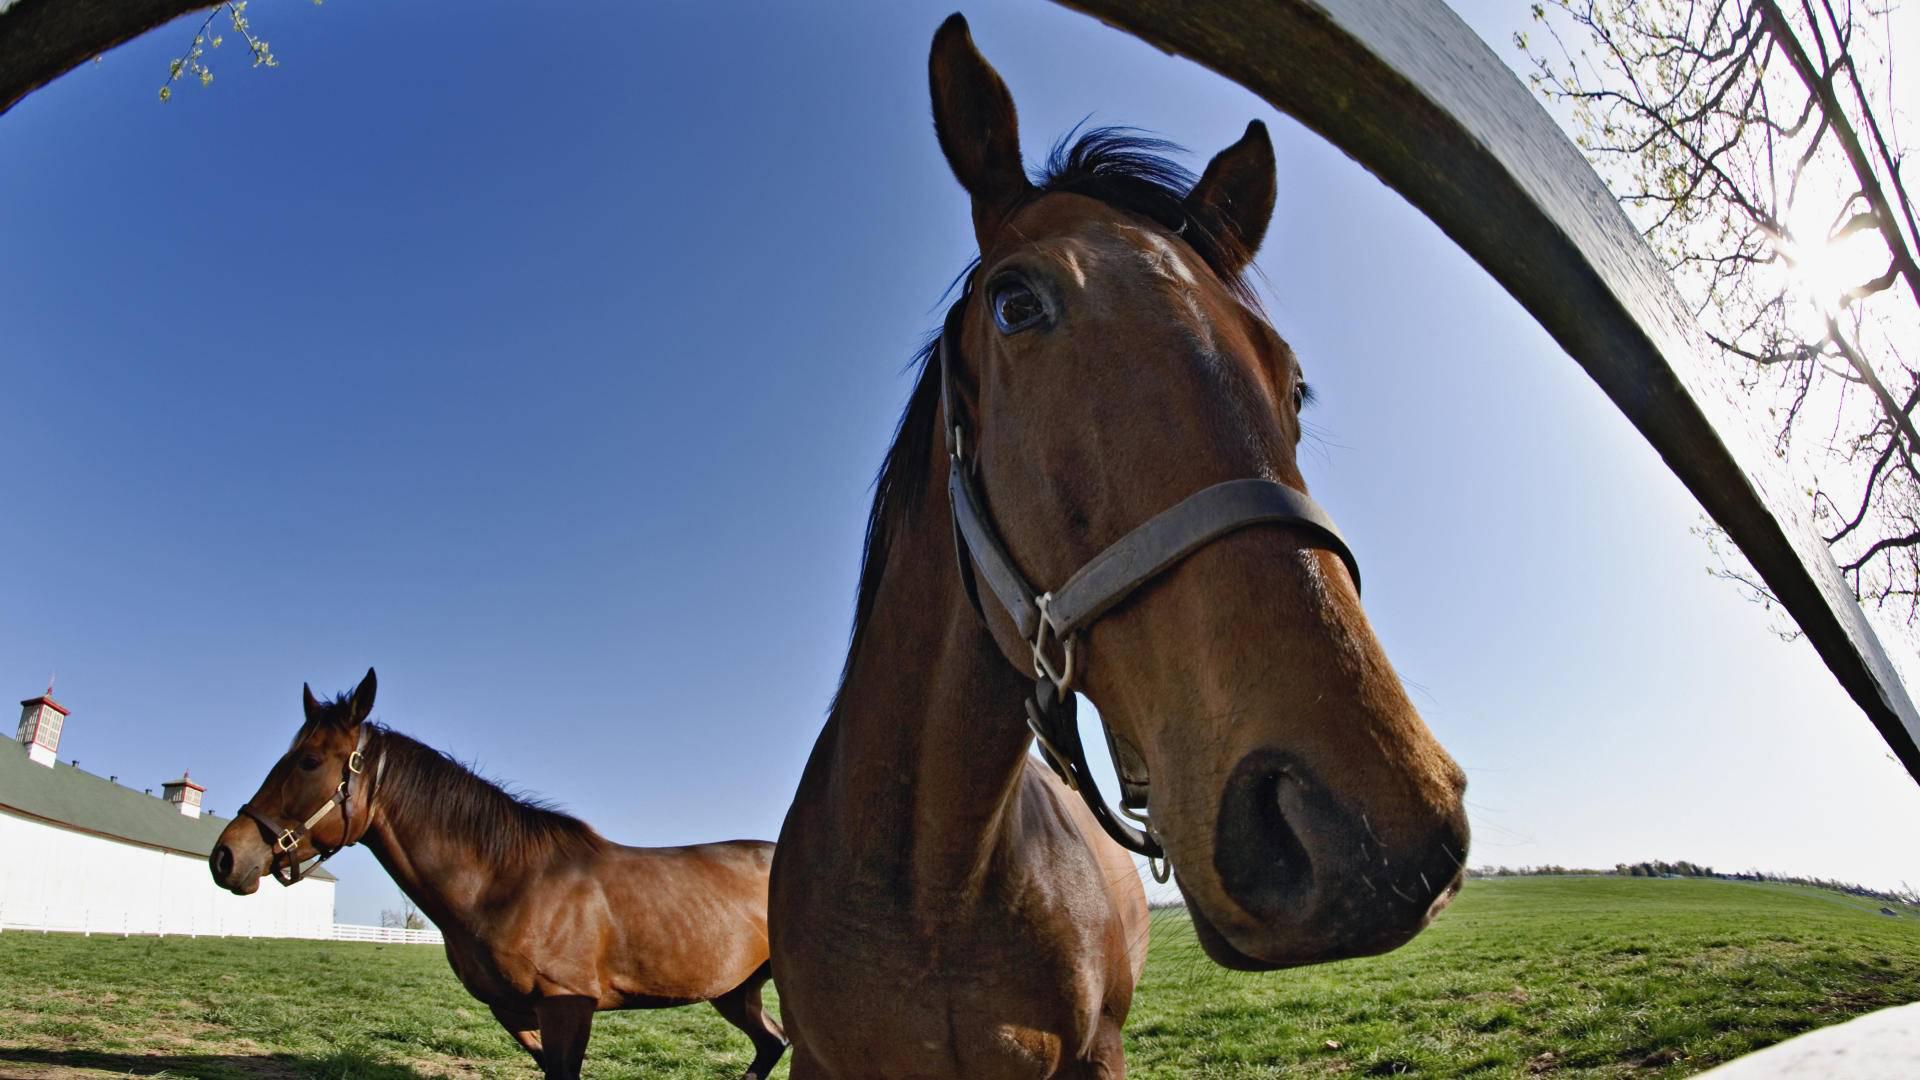 Открытки, прикольные картинки про коней